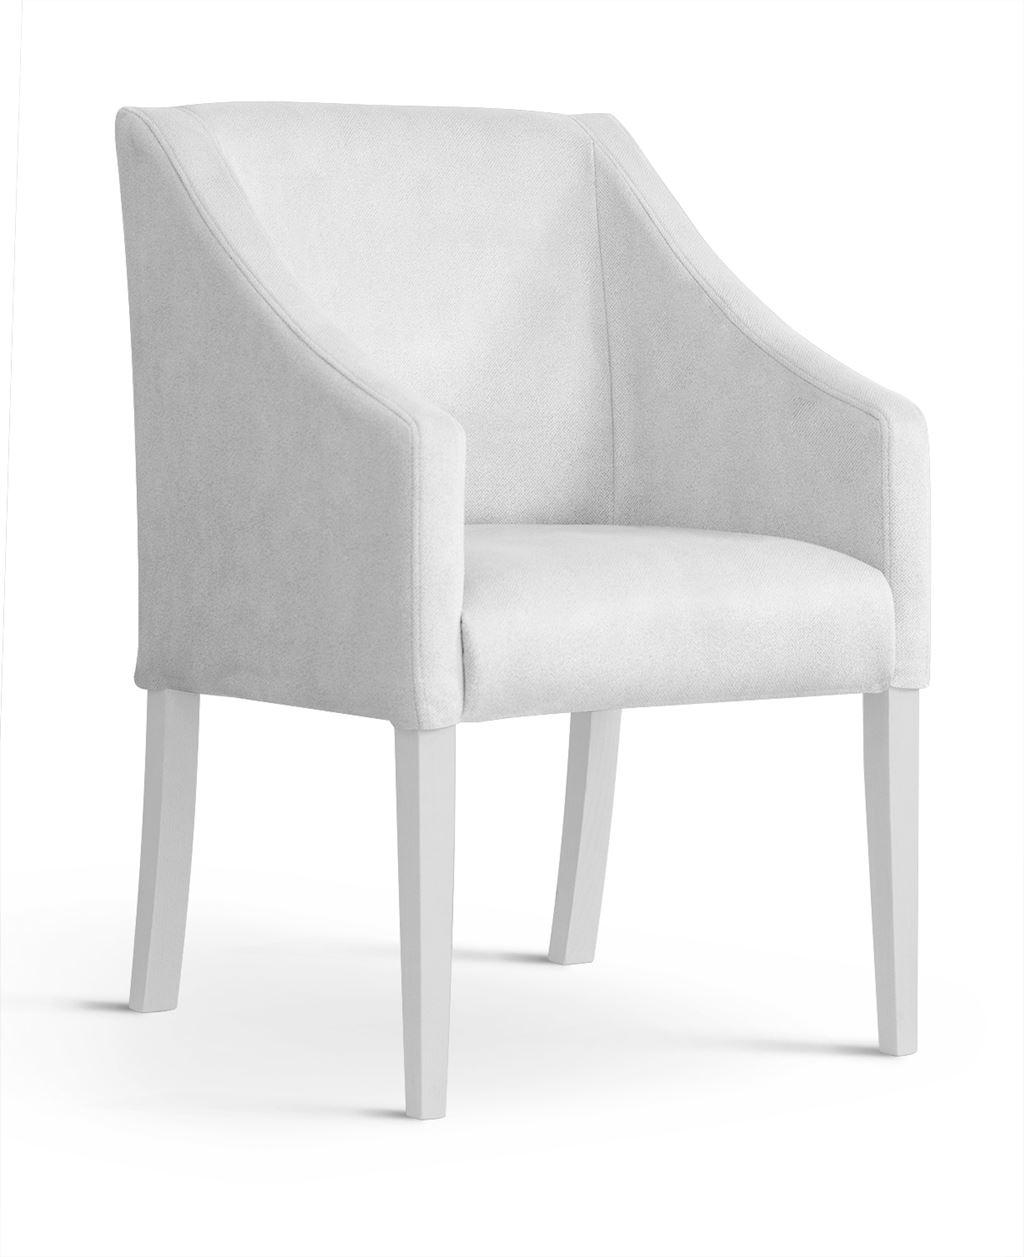 Fotoliu fix tapitat cu stofa, cu picioare din lemn Capri Silver / White, l58xA60xH89 cm poza